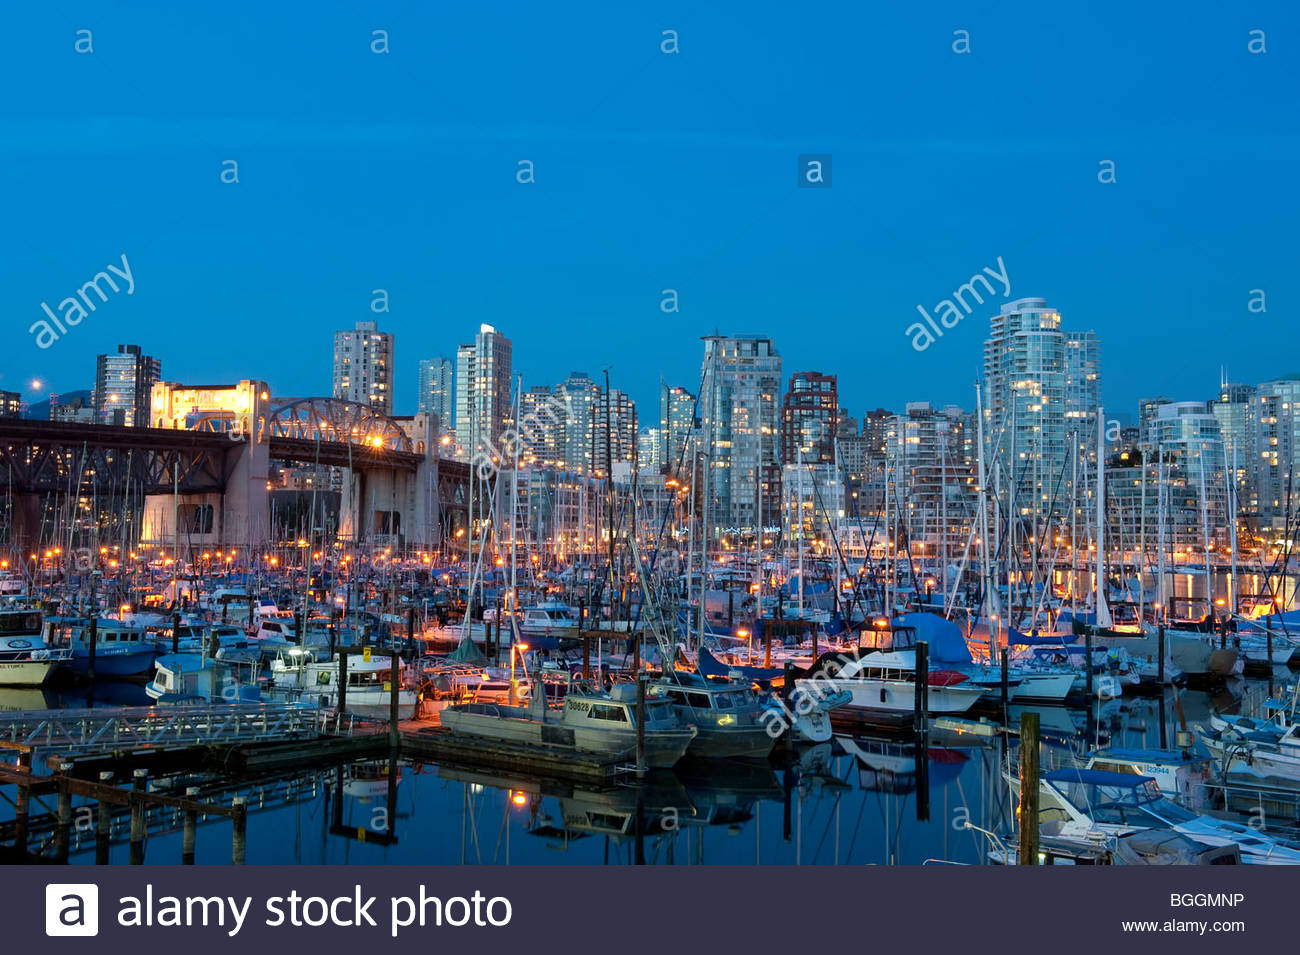 Un pequeño puerto boat en False Creek y el Vancouver skyline en penumbra, Vancouver, British Columbia, Canadá Imagen De Stock